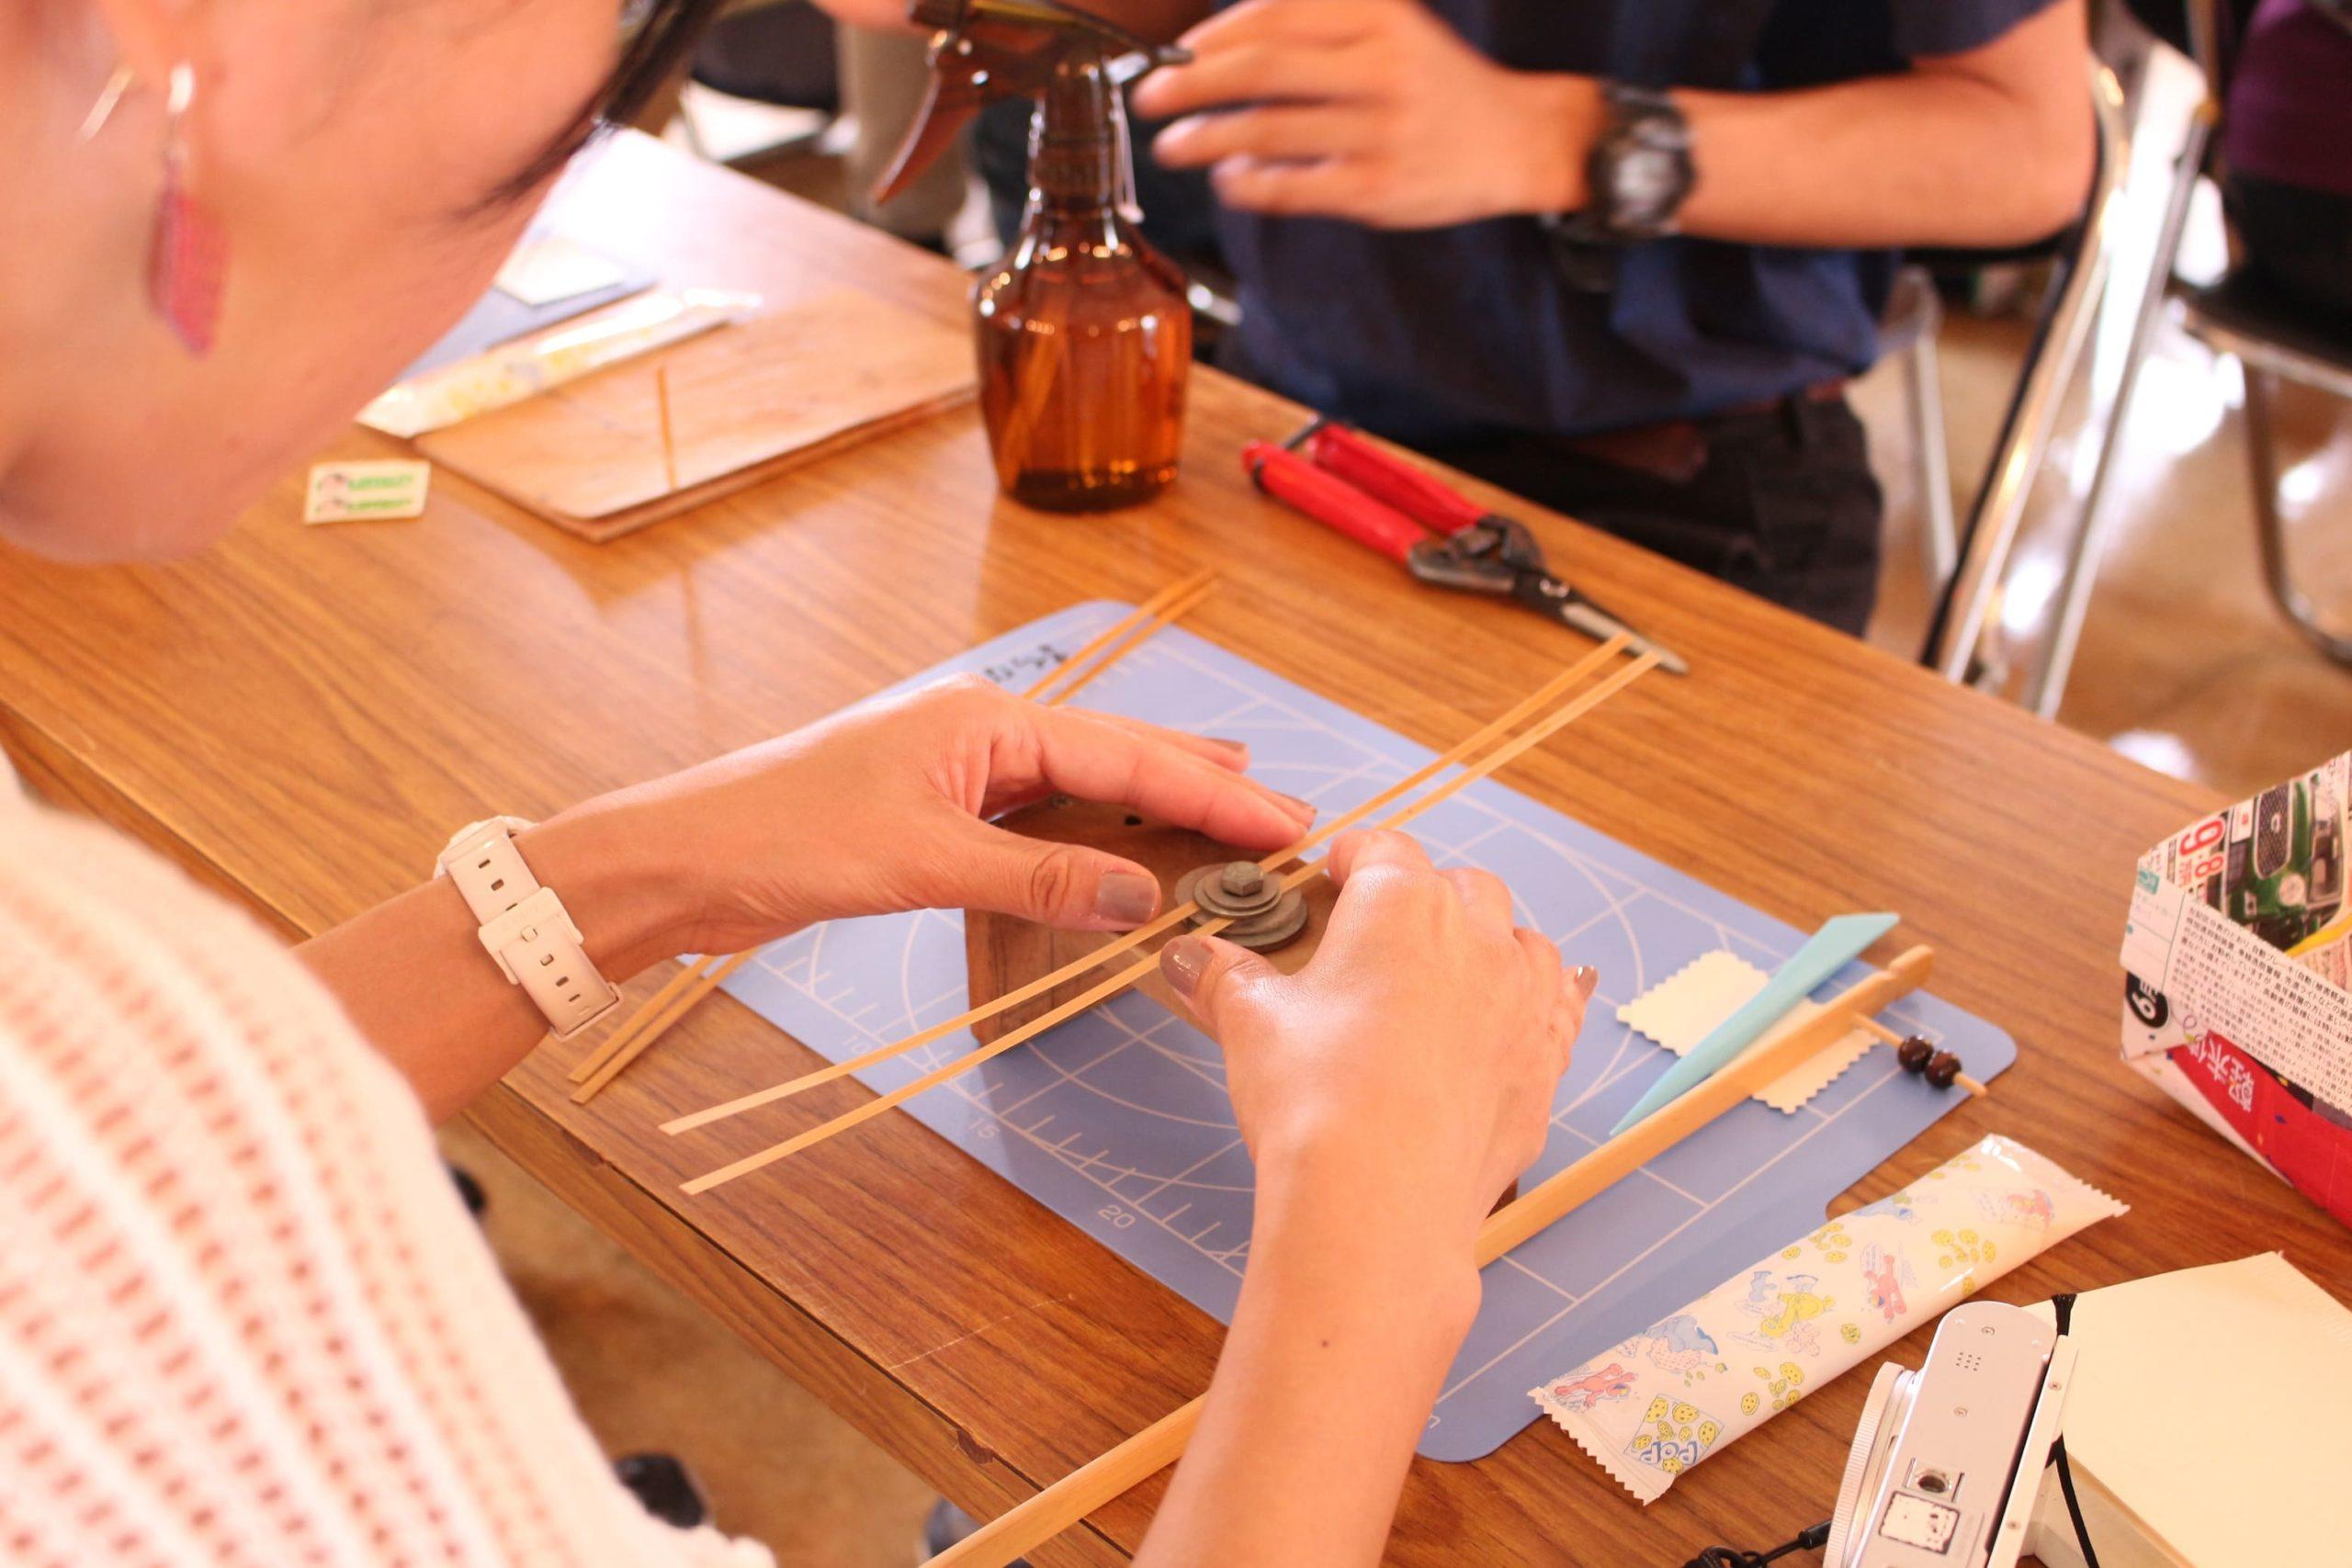 竹かごや竹とんぼなど竹細工を制作する「竹細工体験」